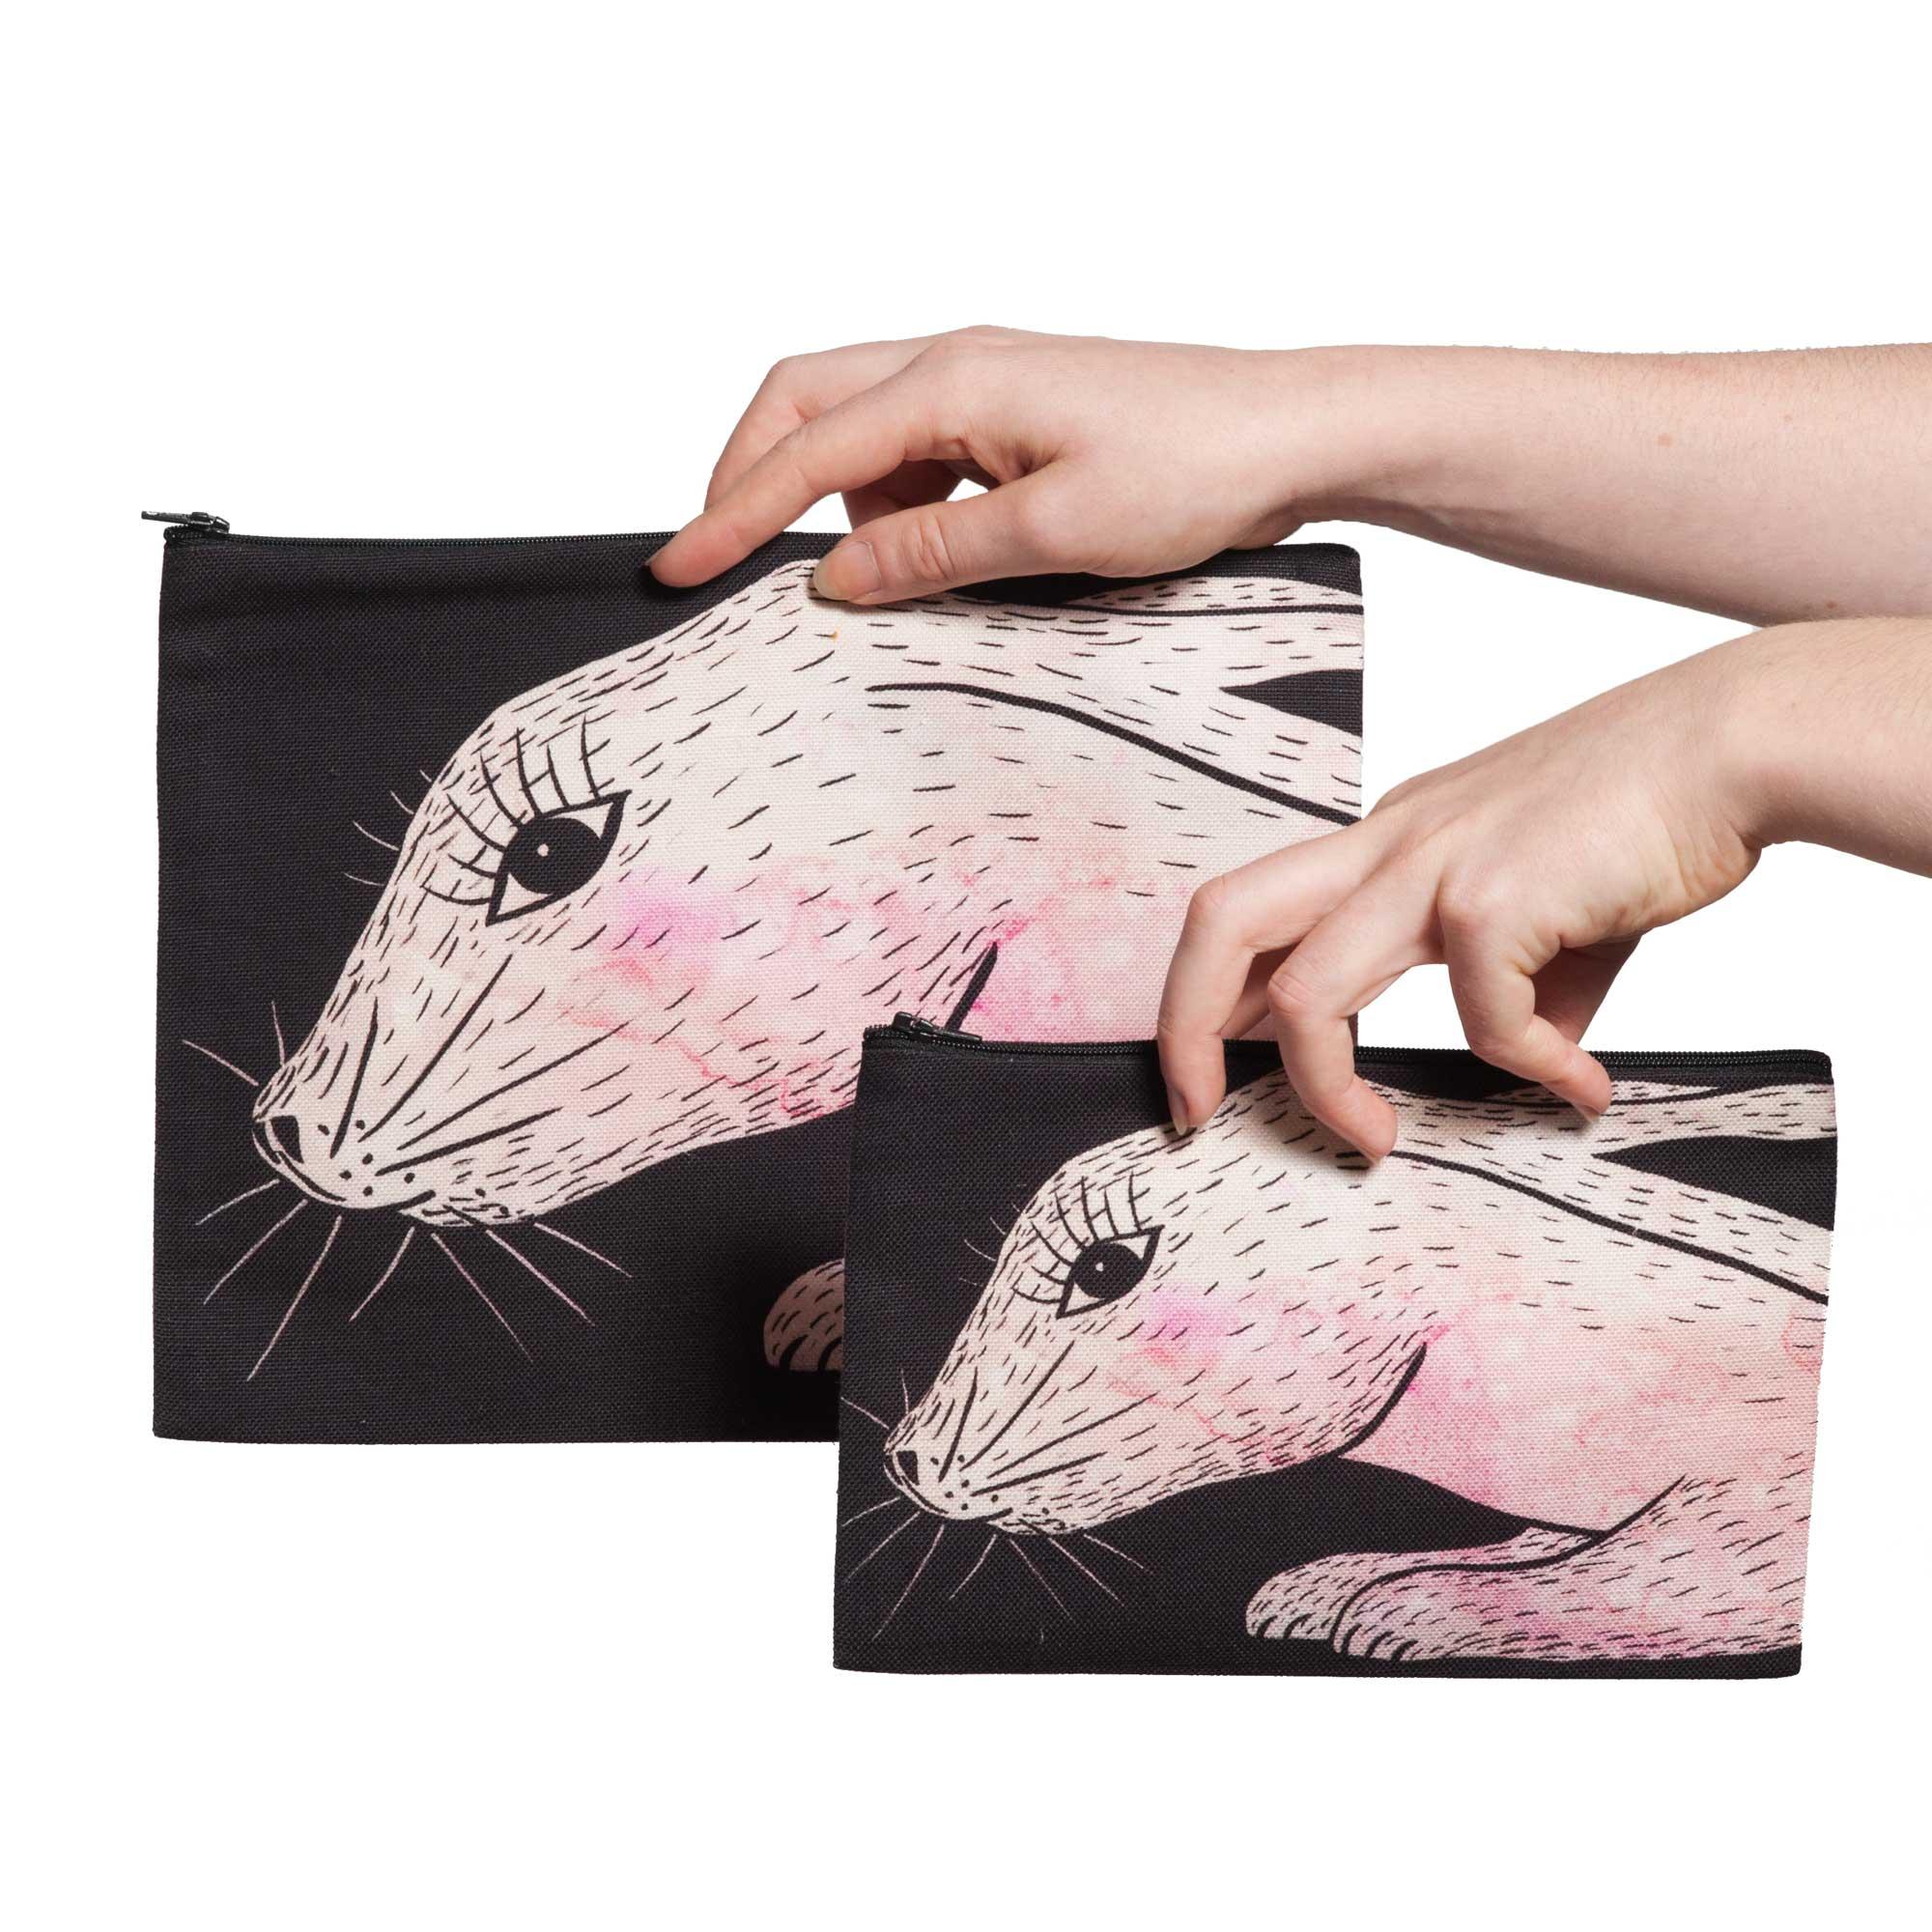 Deux pochettes tailles M et L de la collection Fourrure de Céline Dominiak, avec têtes de lapin roses sur fond noir, recto